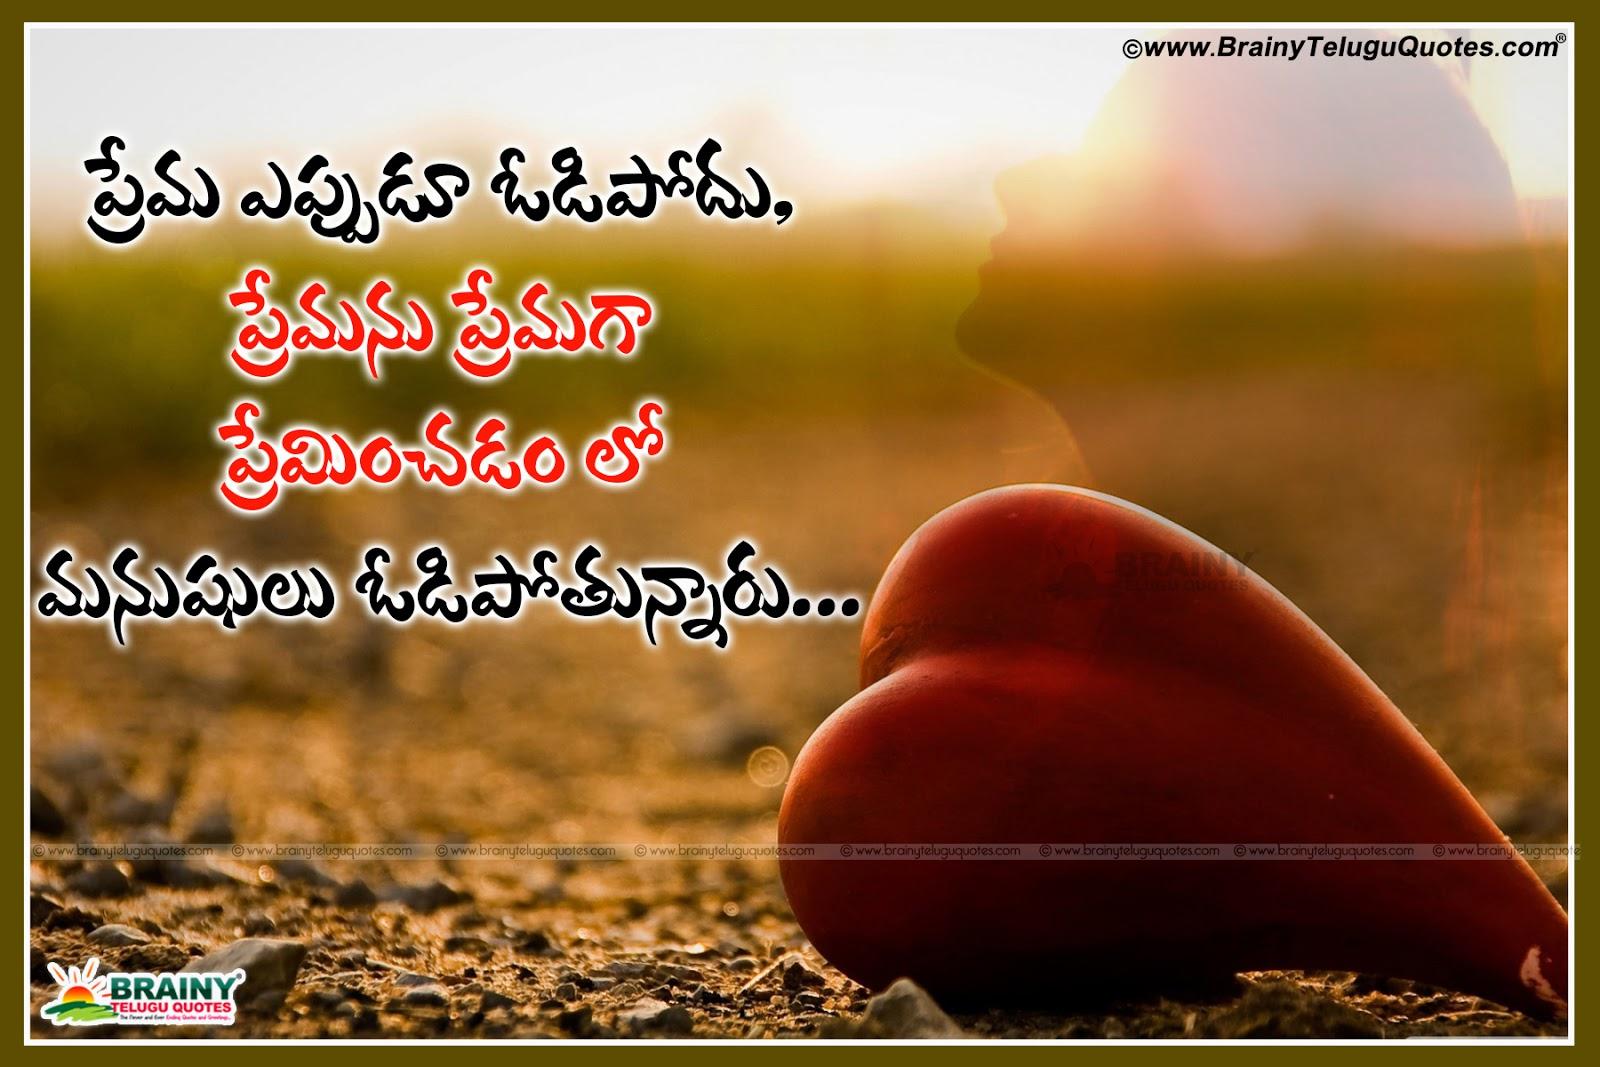 Love Feeling Quotes In Telugu: BrainyTeluguQuotes.comTelugu Quotes